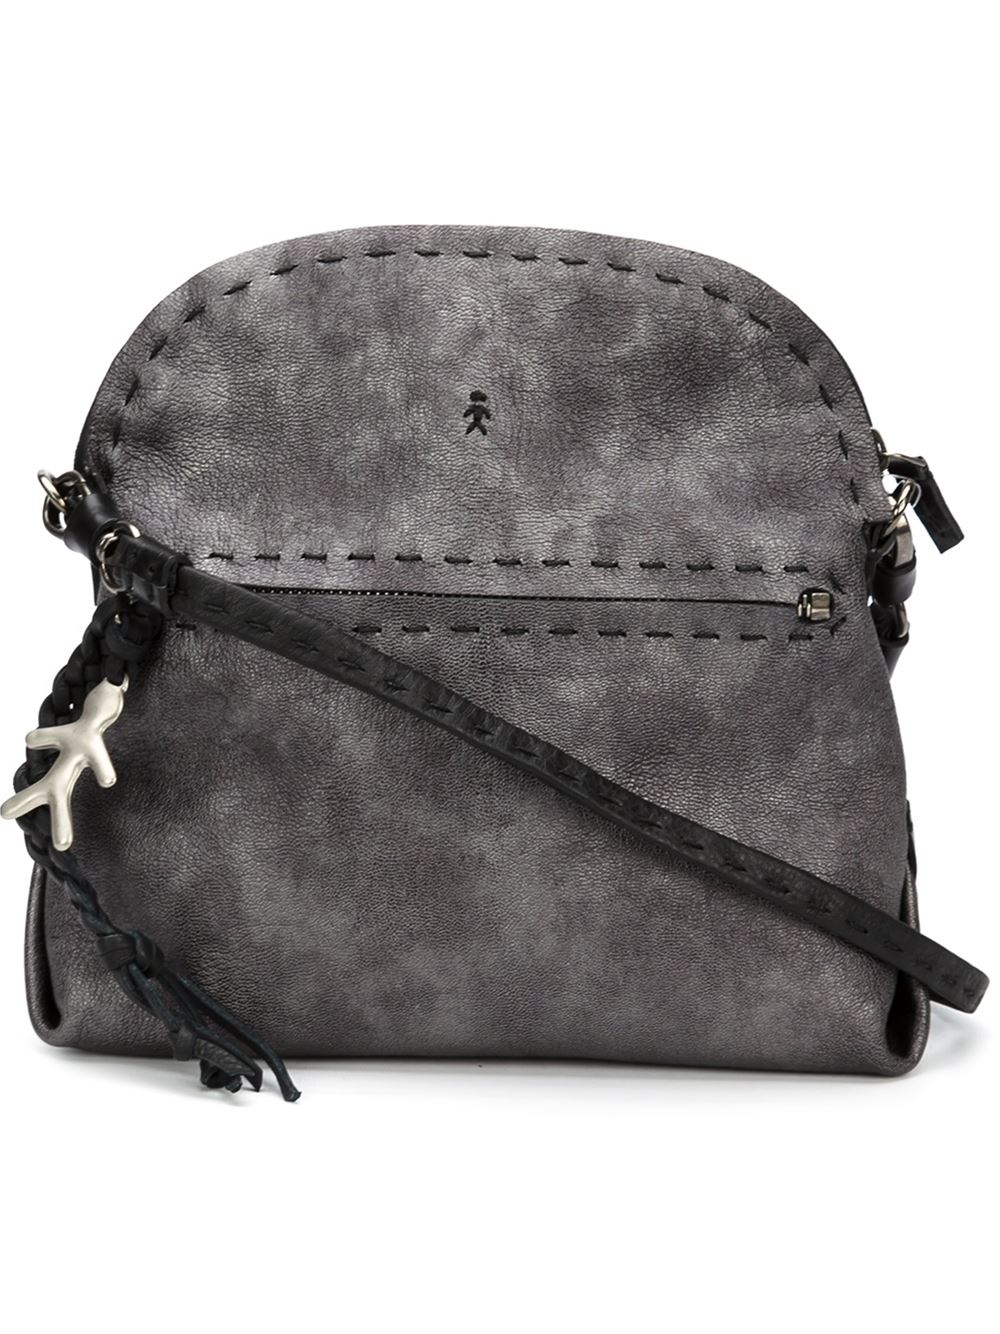 3c852dffd8 Henry Beguelin Stitched Details Shoulder Bag in Gray - Lyst